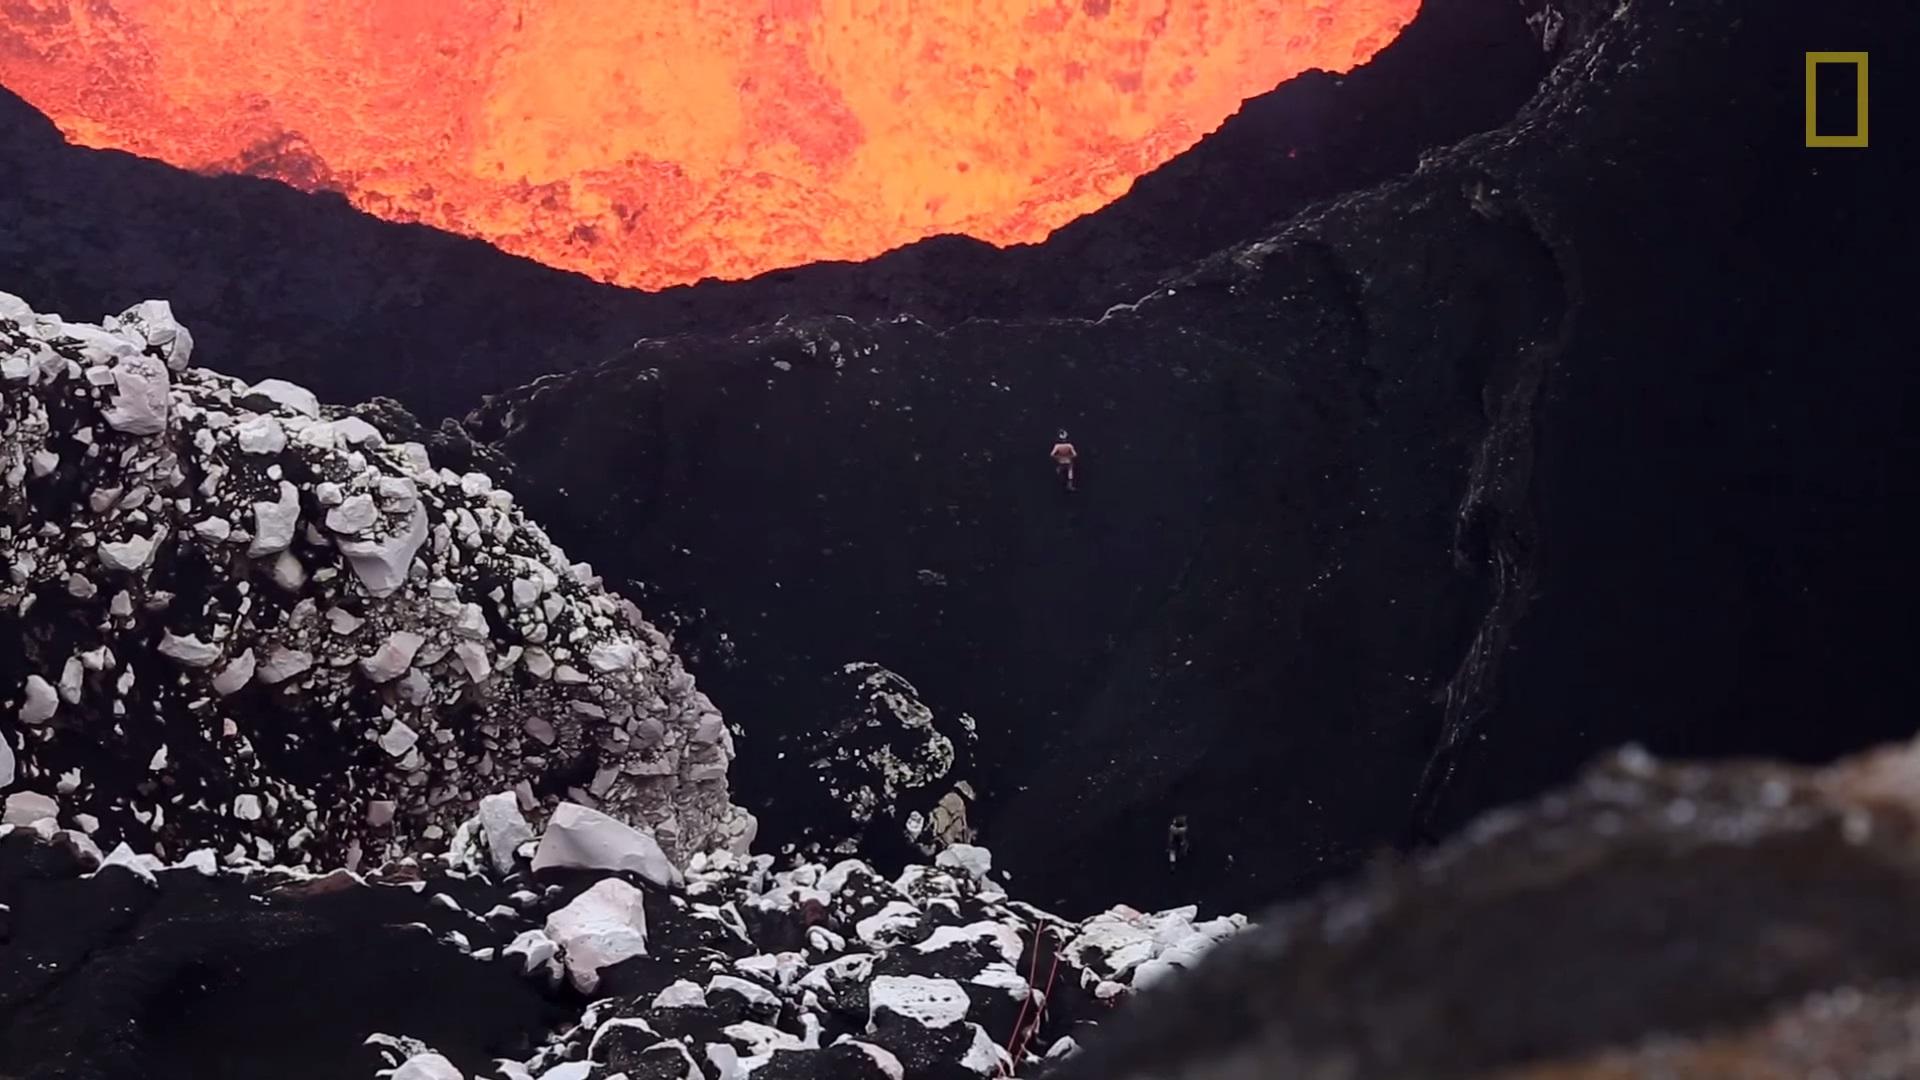 lage vulkan eksperiment